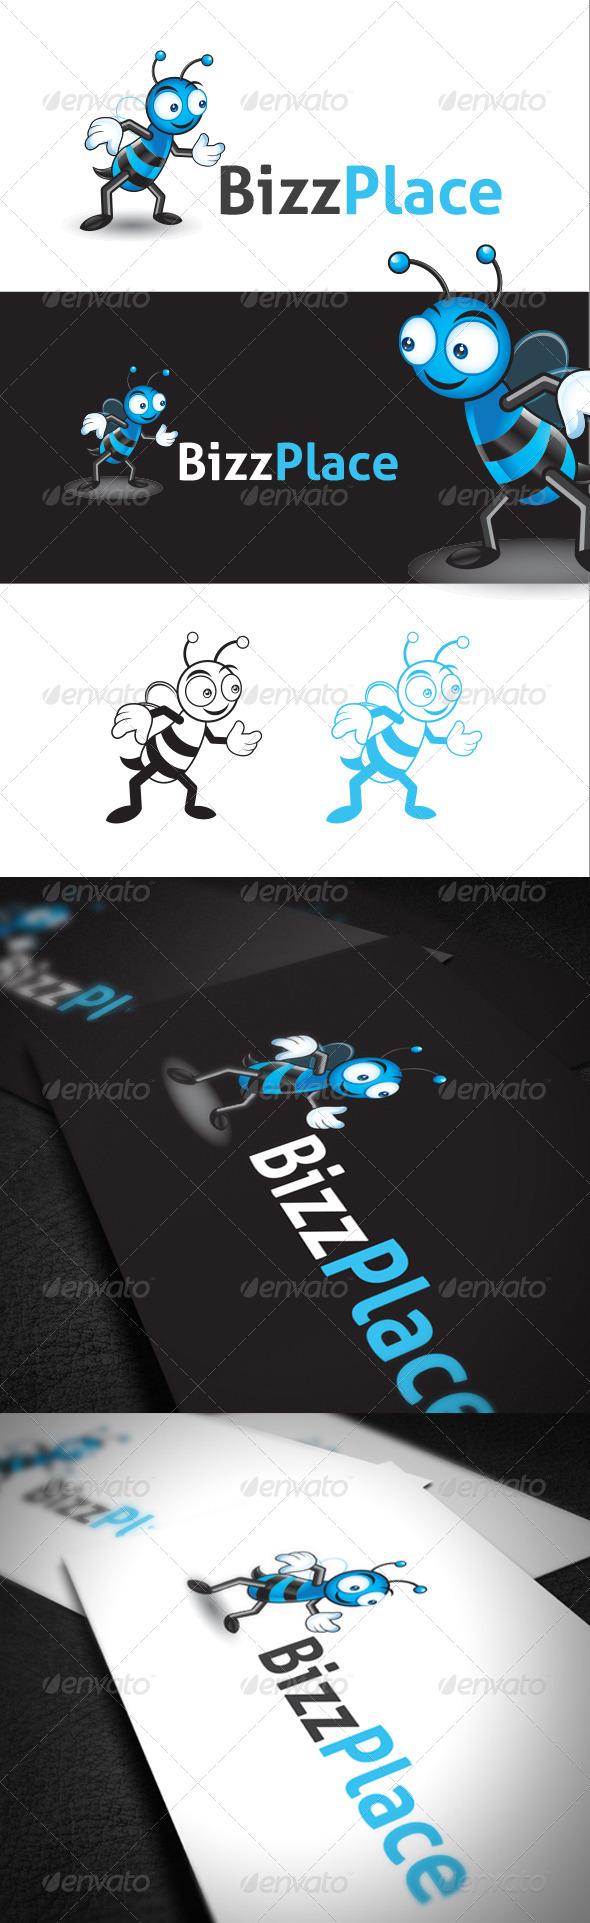 Character Design Bee in Vector Format